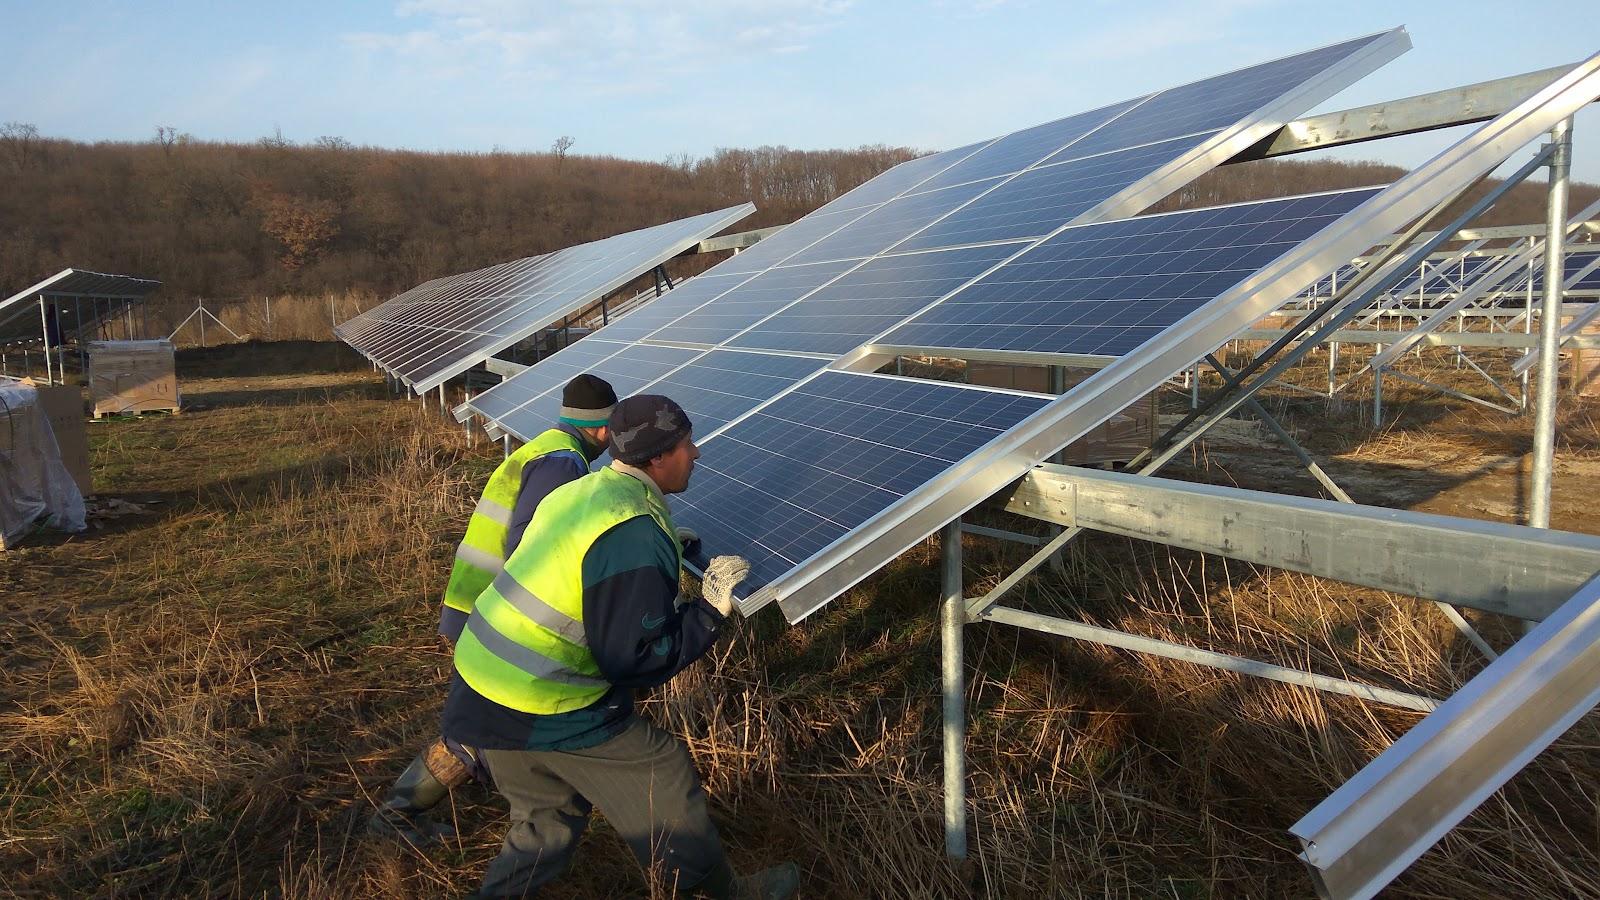 Сонячні електростанції встановили більше 15 тисяч домогосподарств в Україні, фото-2